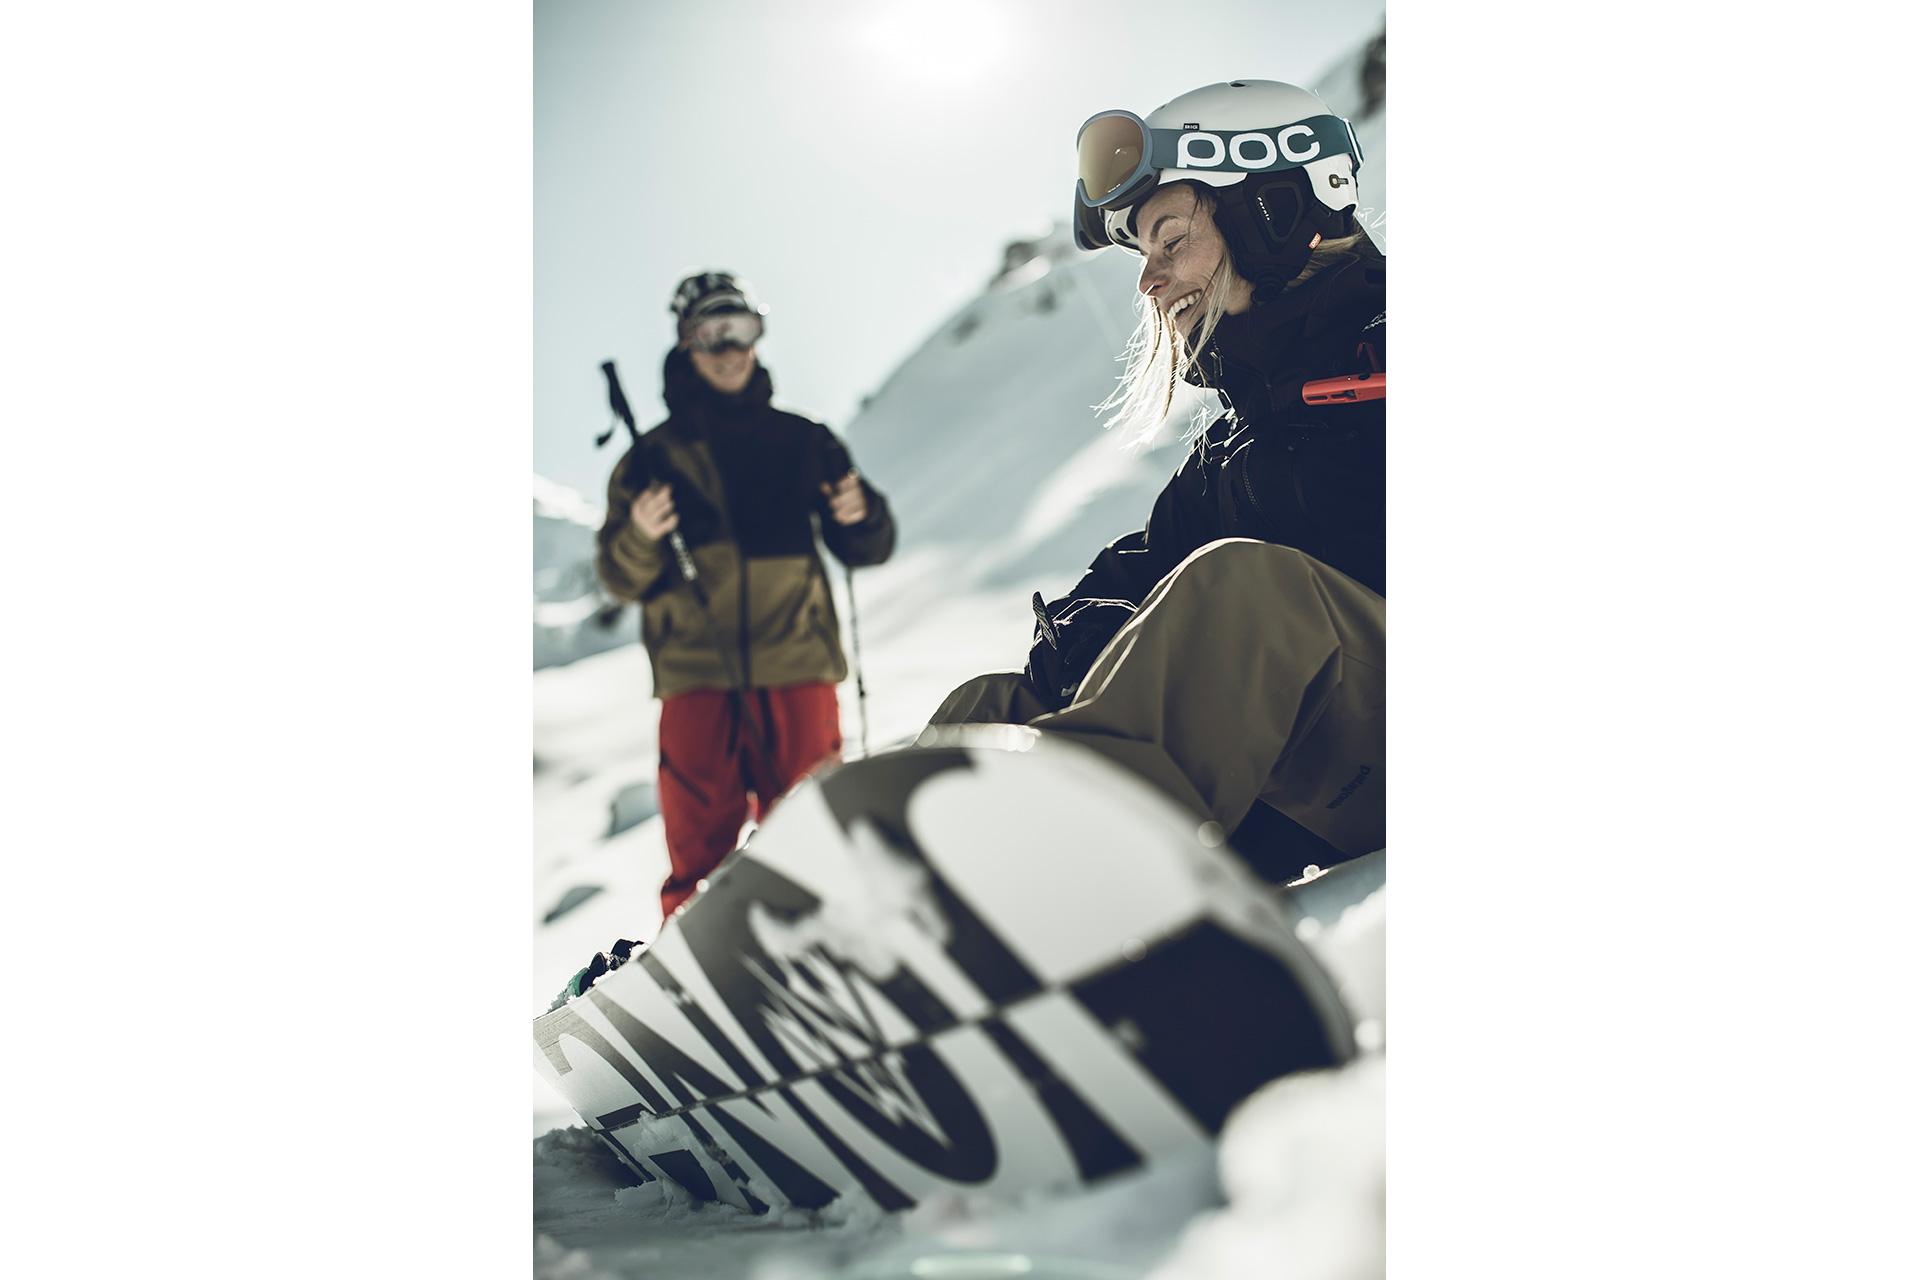 RedBull Magazin Fotograf Sport Produktion Winter Tiefschnee Frankfurt Deutschland